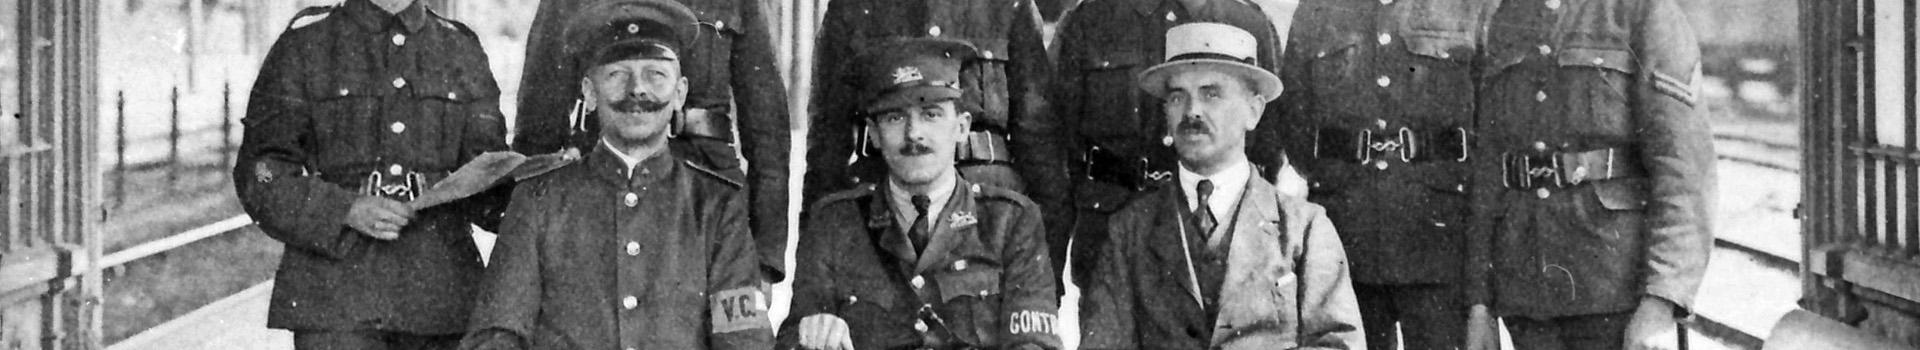 Kriegsende 1918 in Oberkassel